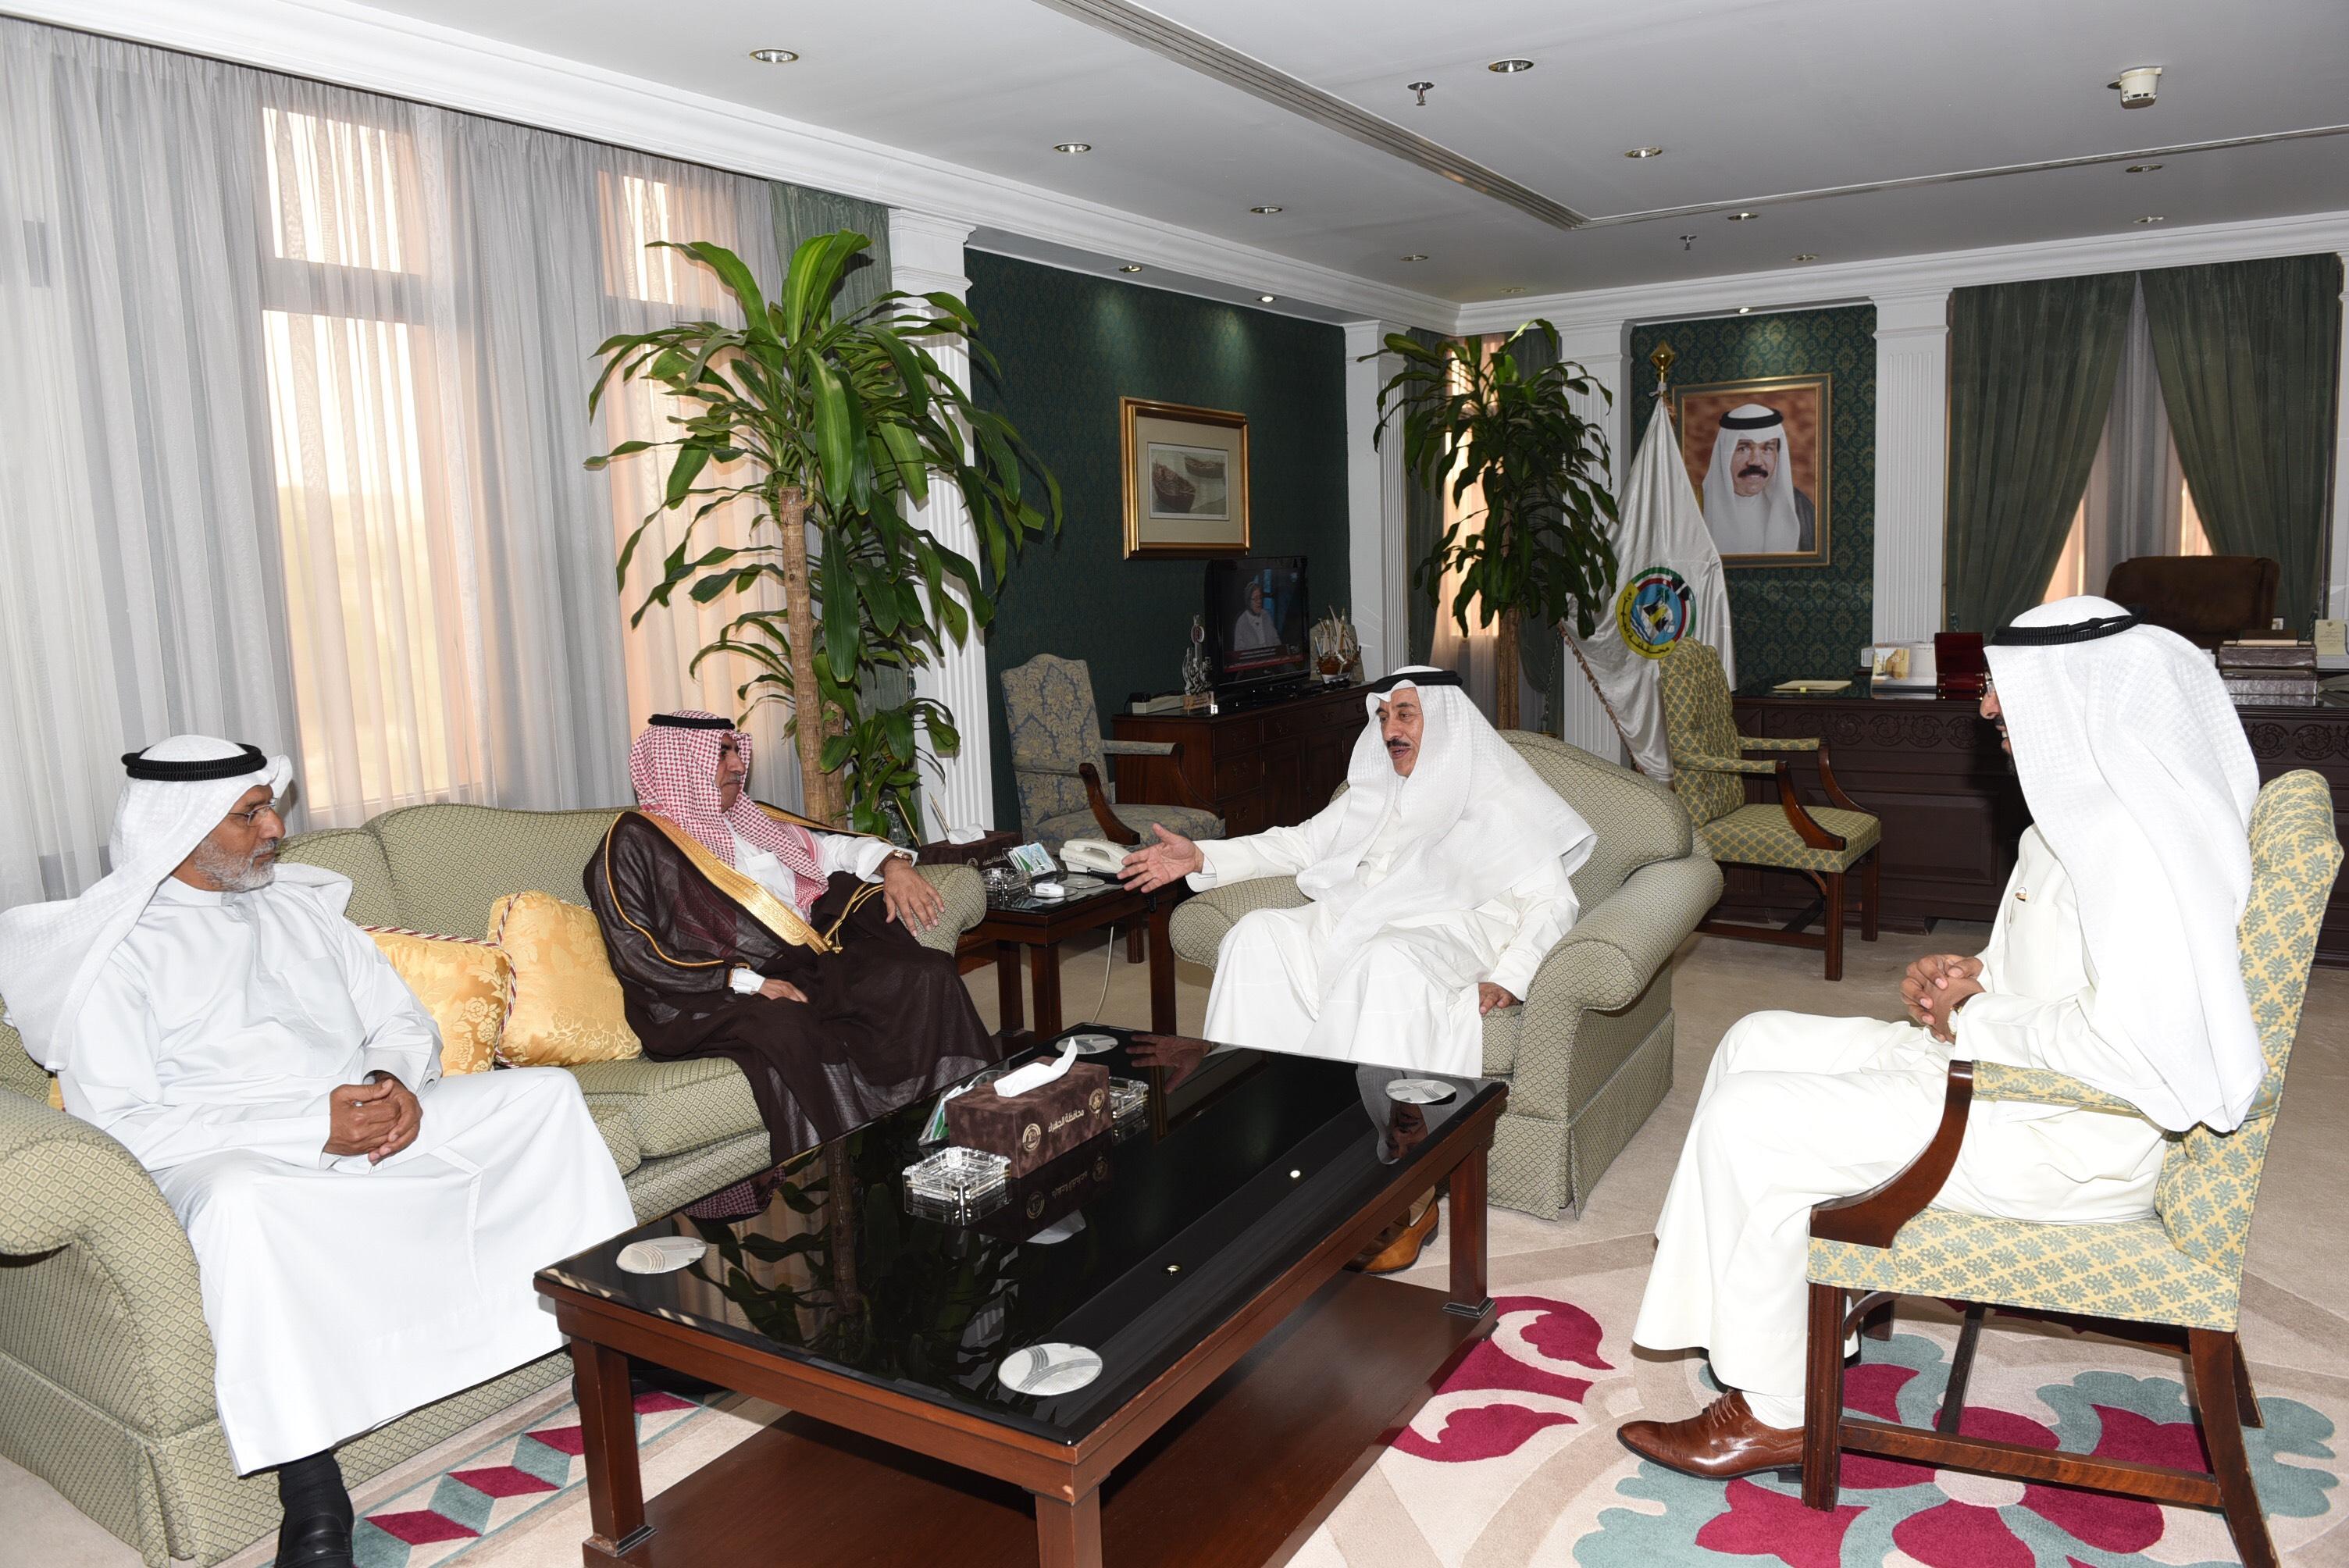 محافظ الجهراء يستقبل الشيخ غازي الفايز ويبحث معه العلاقات الثنائية وسبل تعزيزها